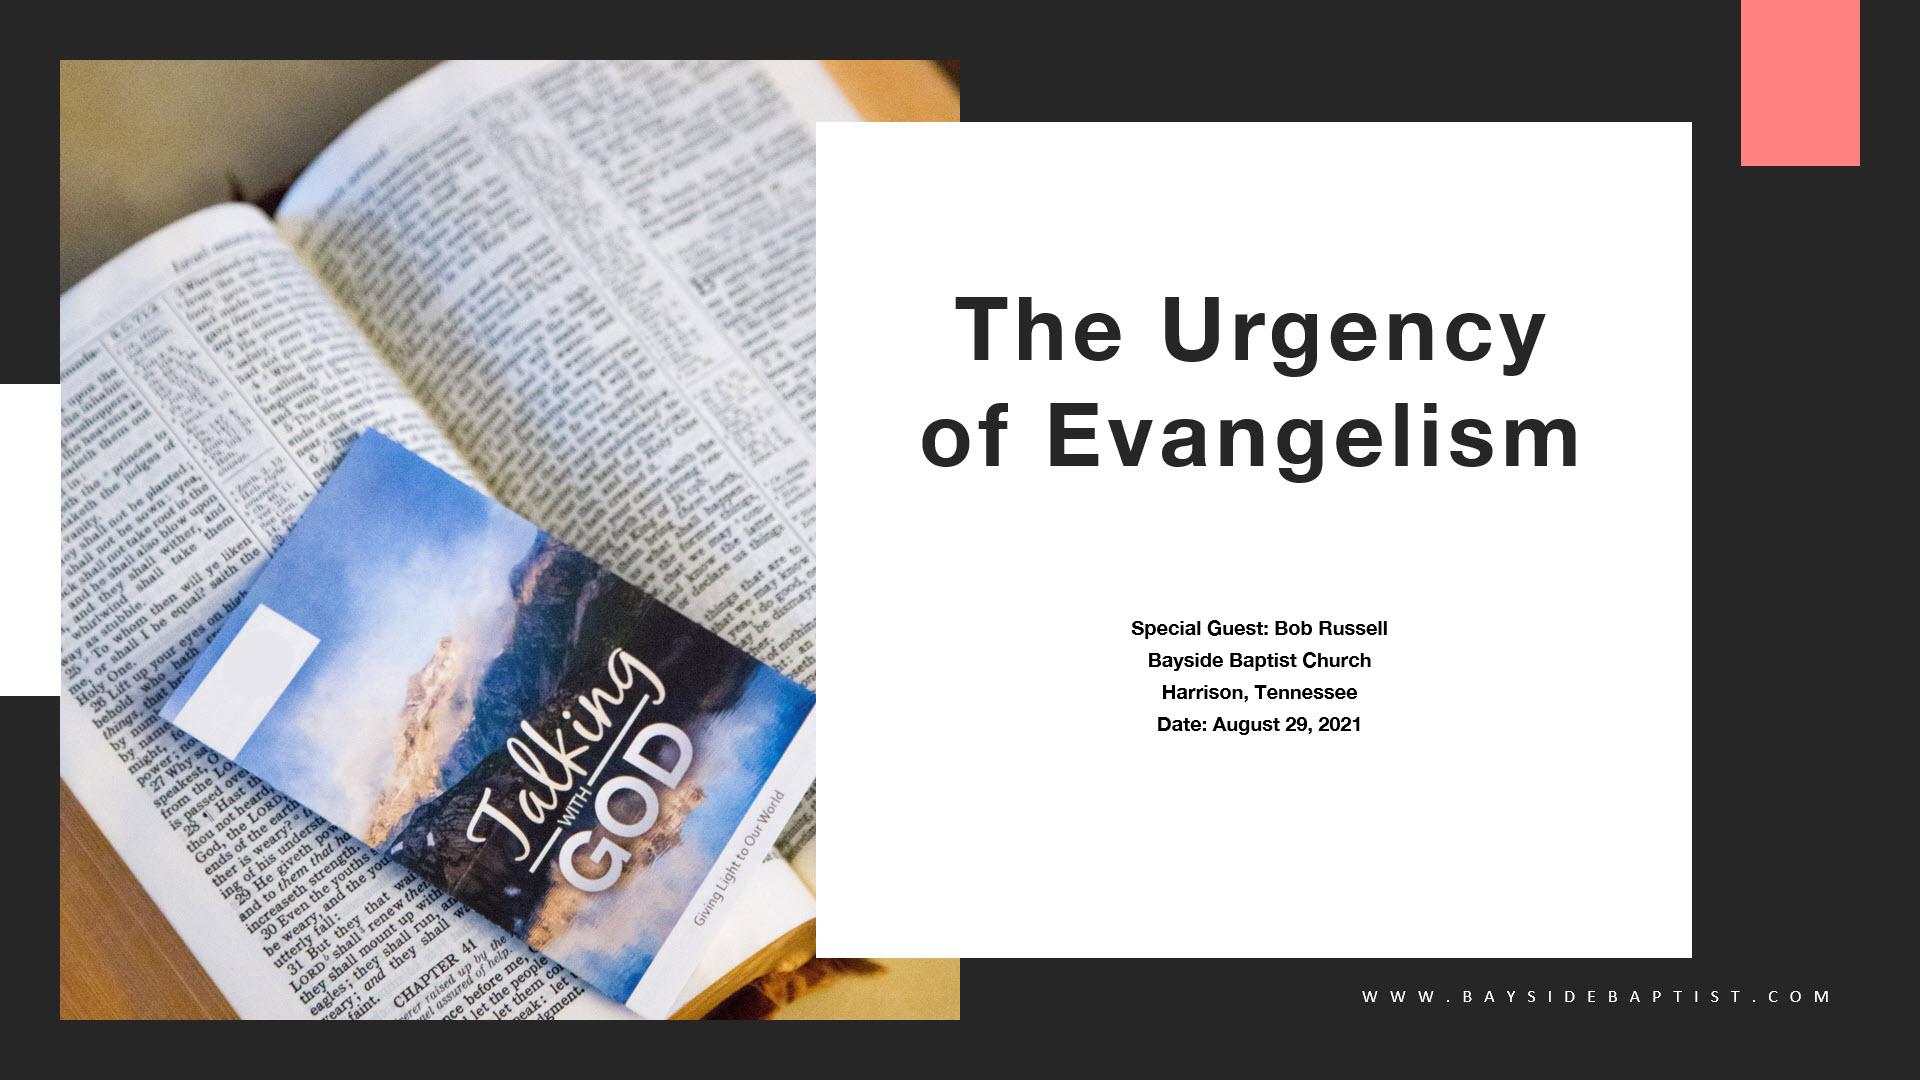 The Urgency of Evangelism Image